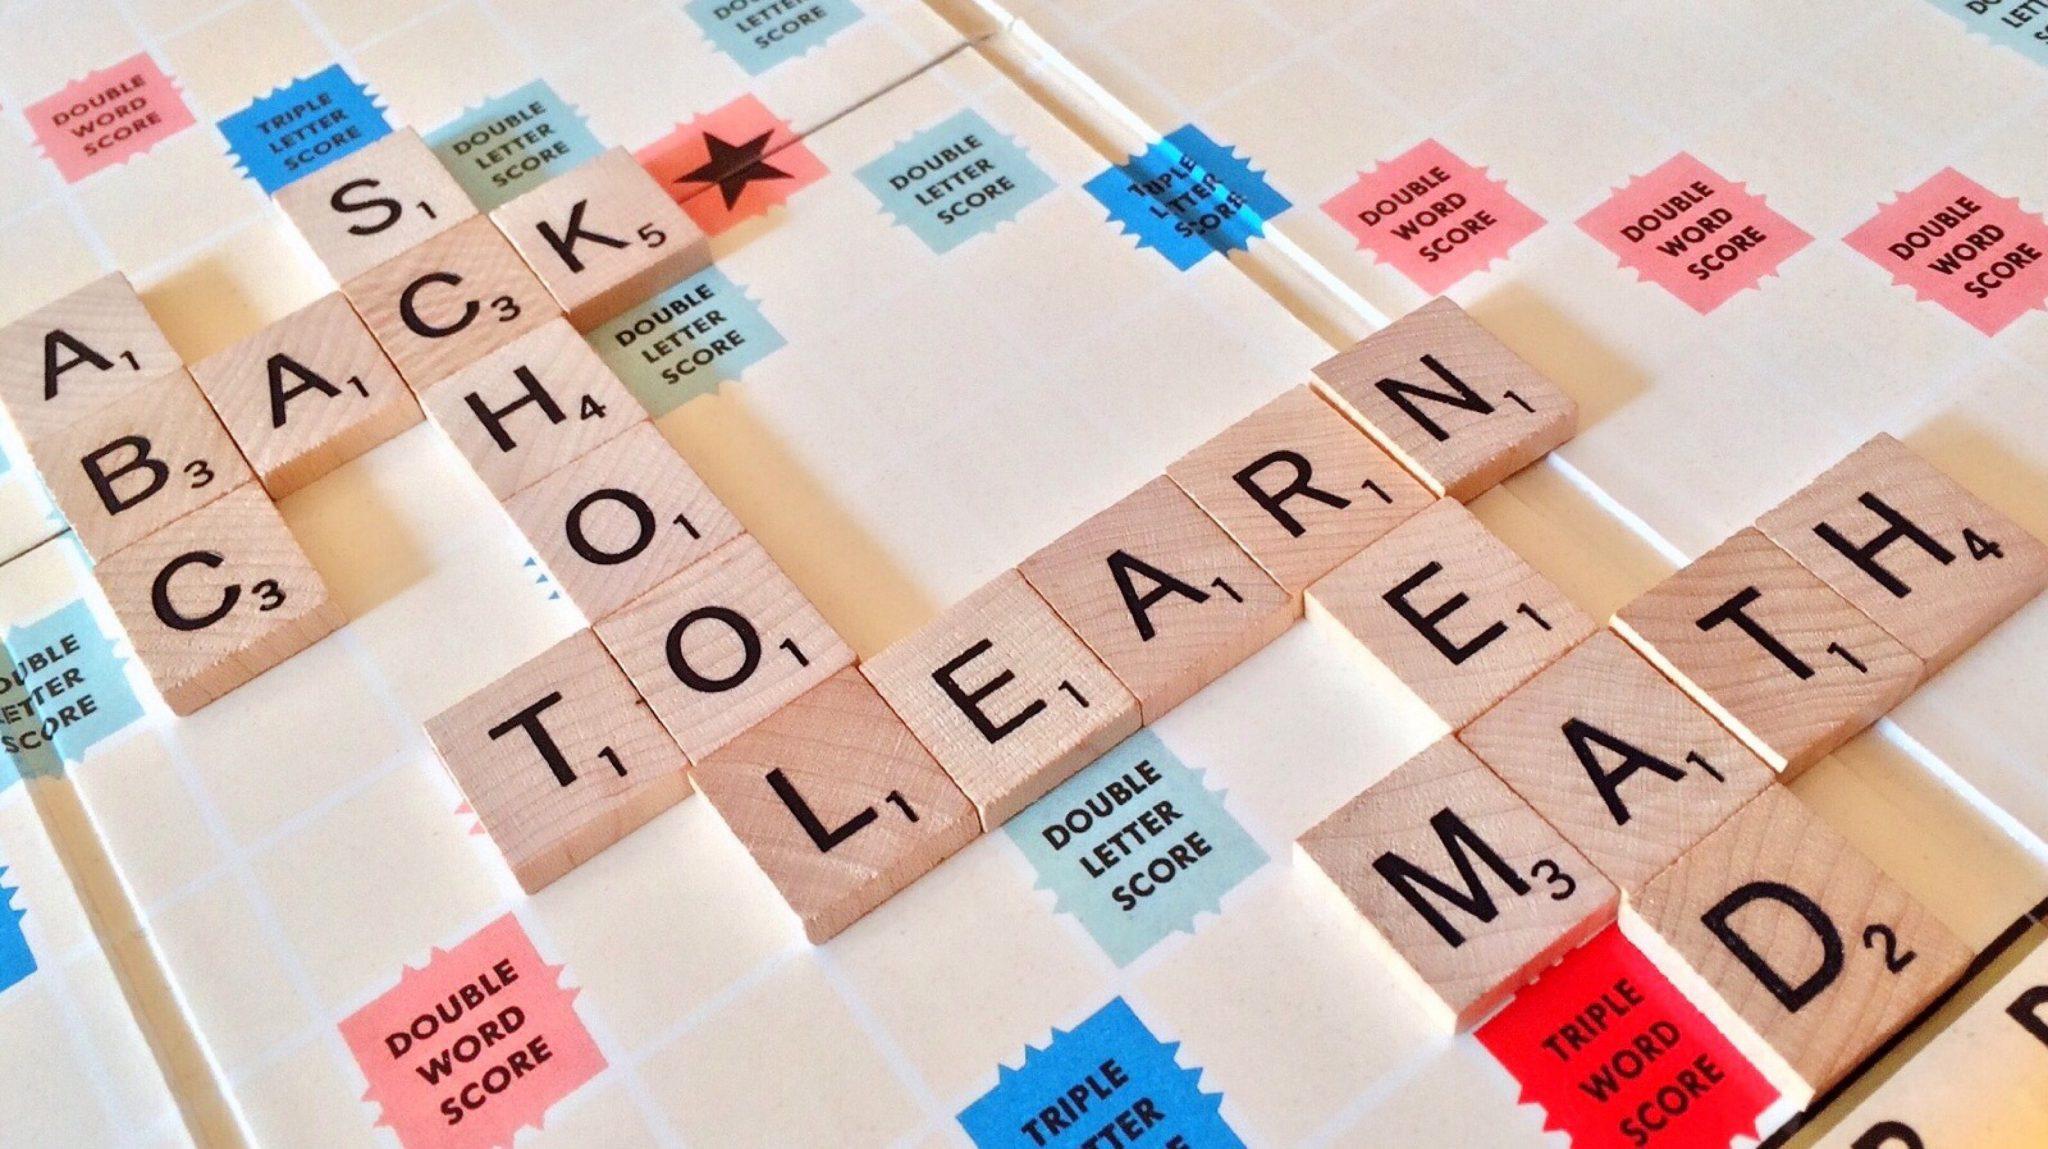 alphabet-board-game-conceptual-256428